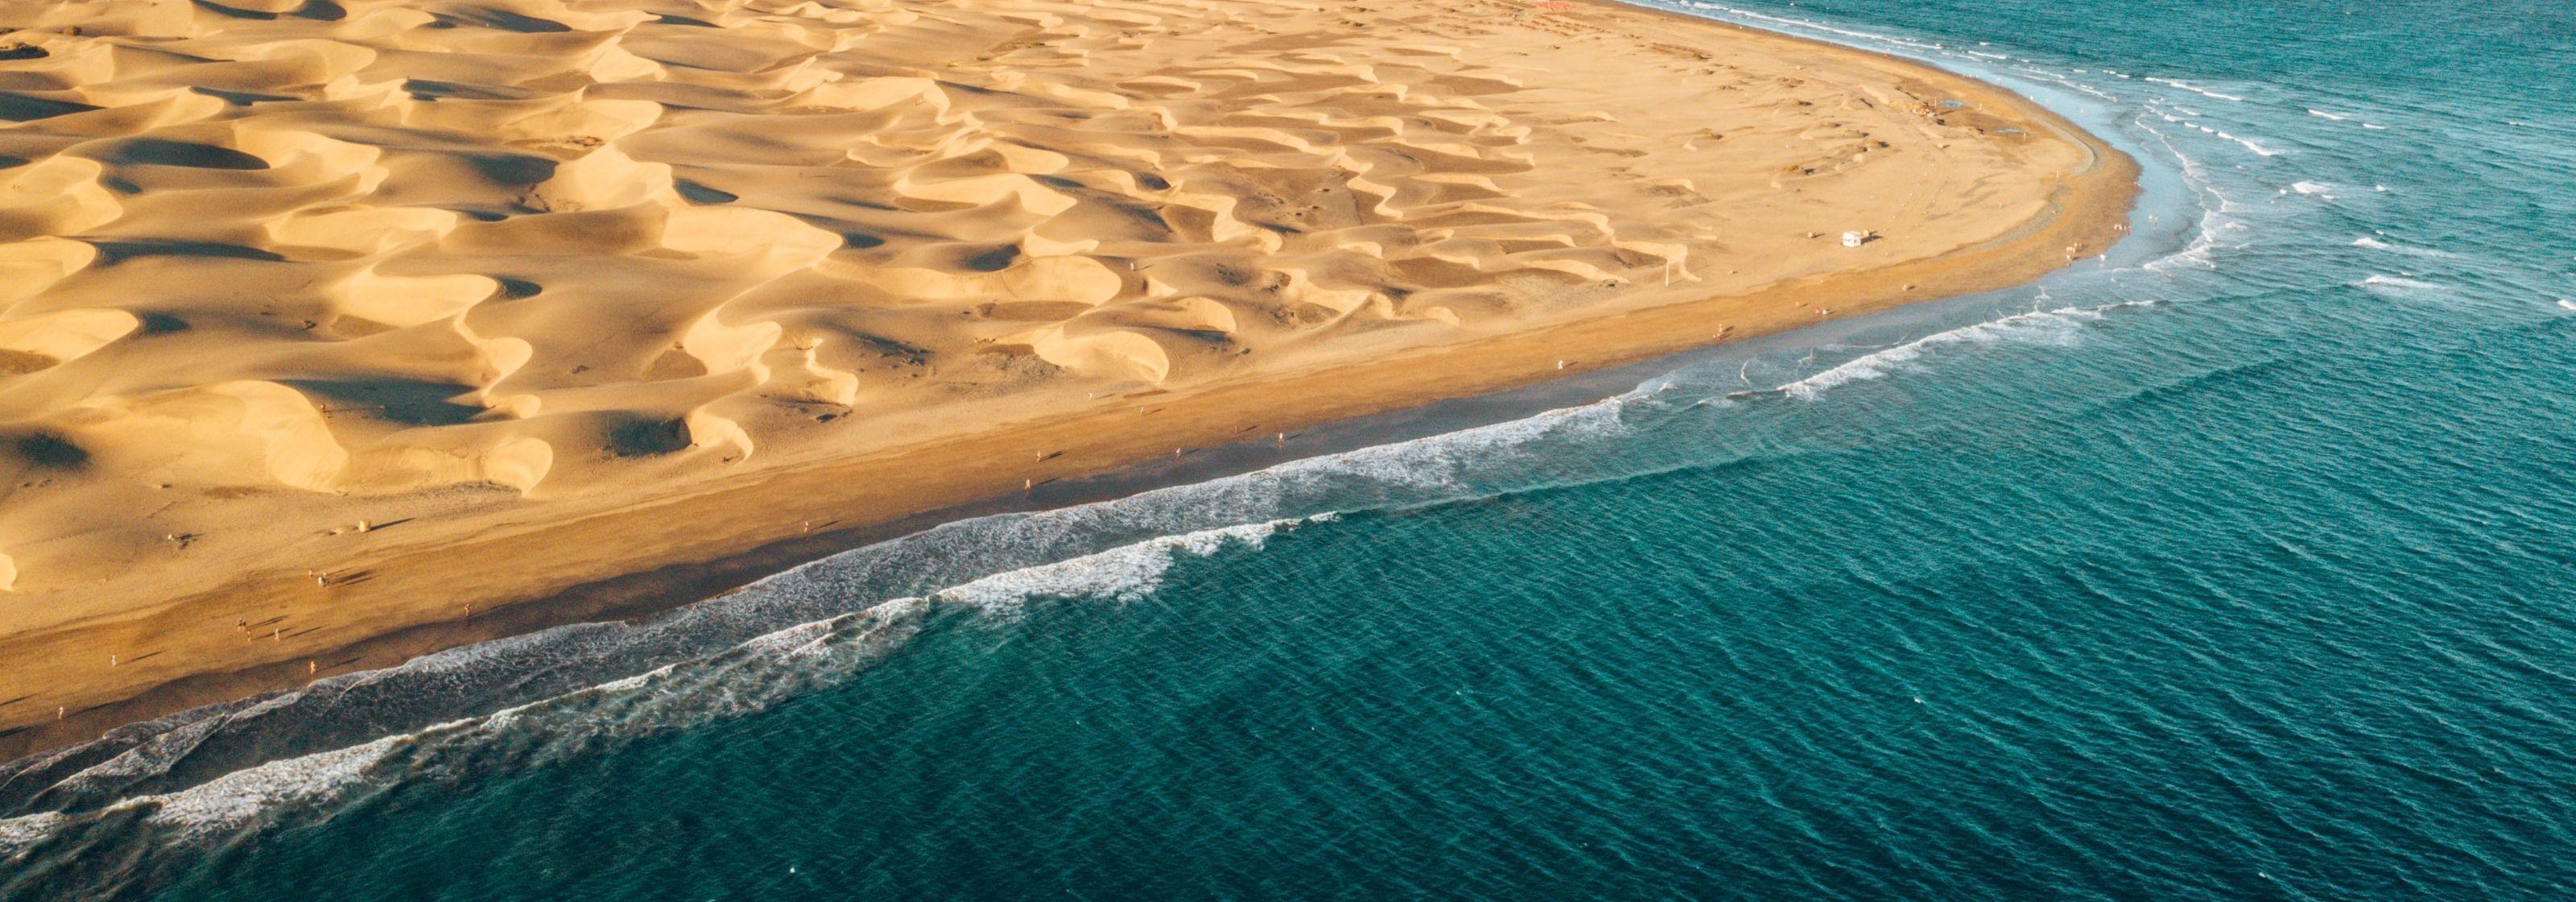 Cosas que hacer en Gran Canaria